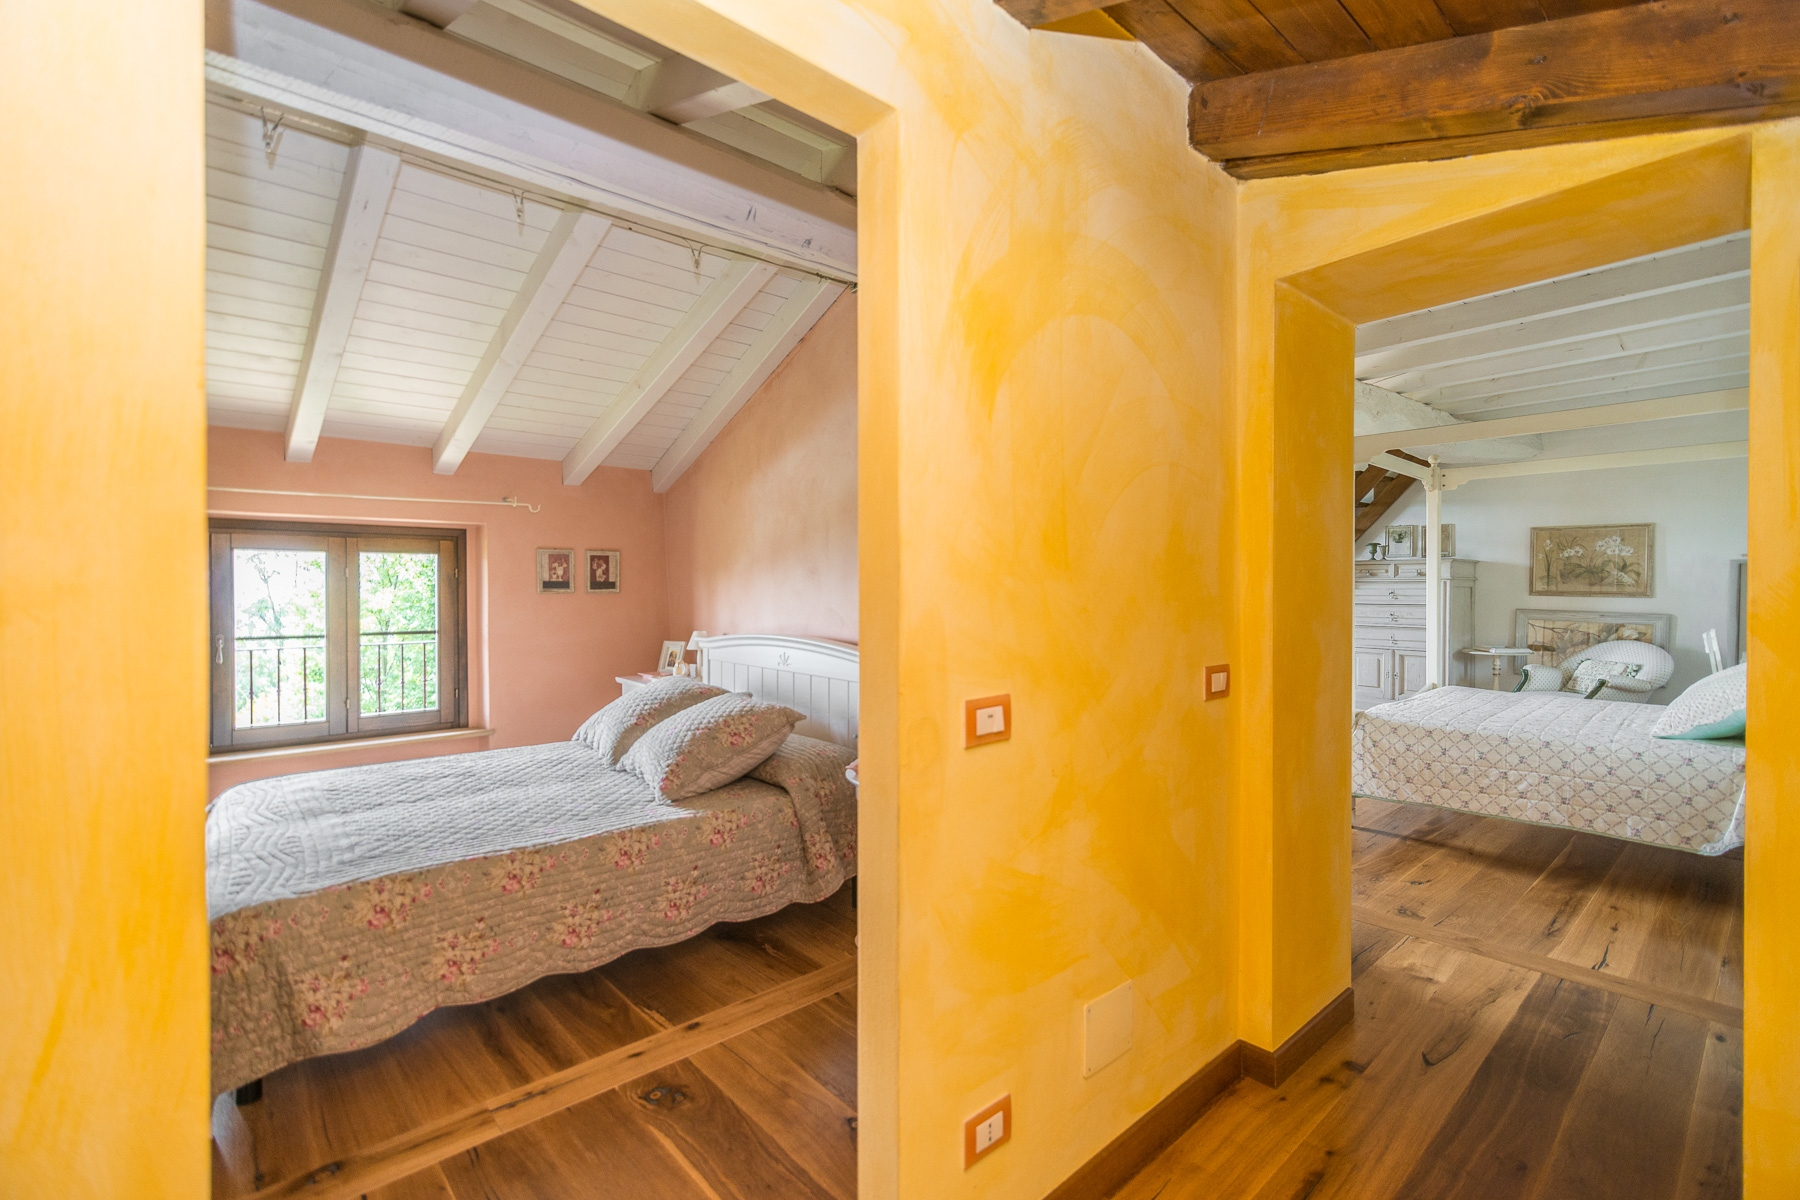 Casa indipendente in Vendita a Ziano Piacentino: 5 locali, 260 mq - Foto 21